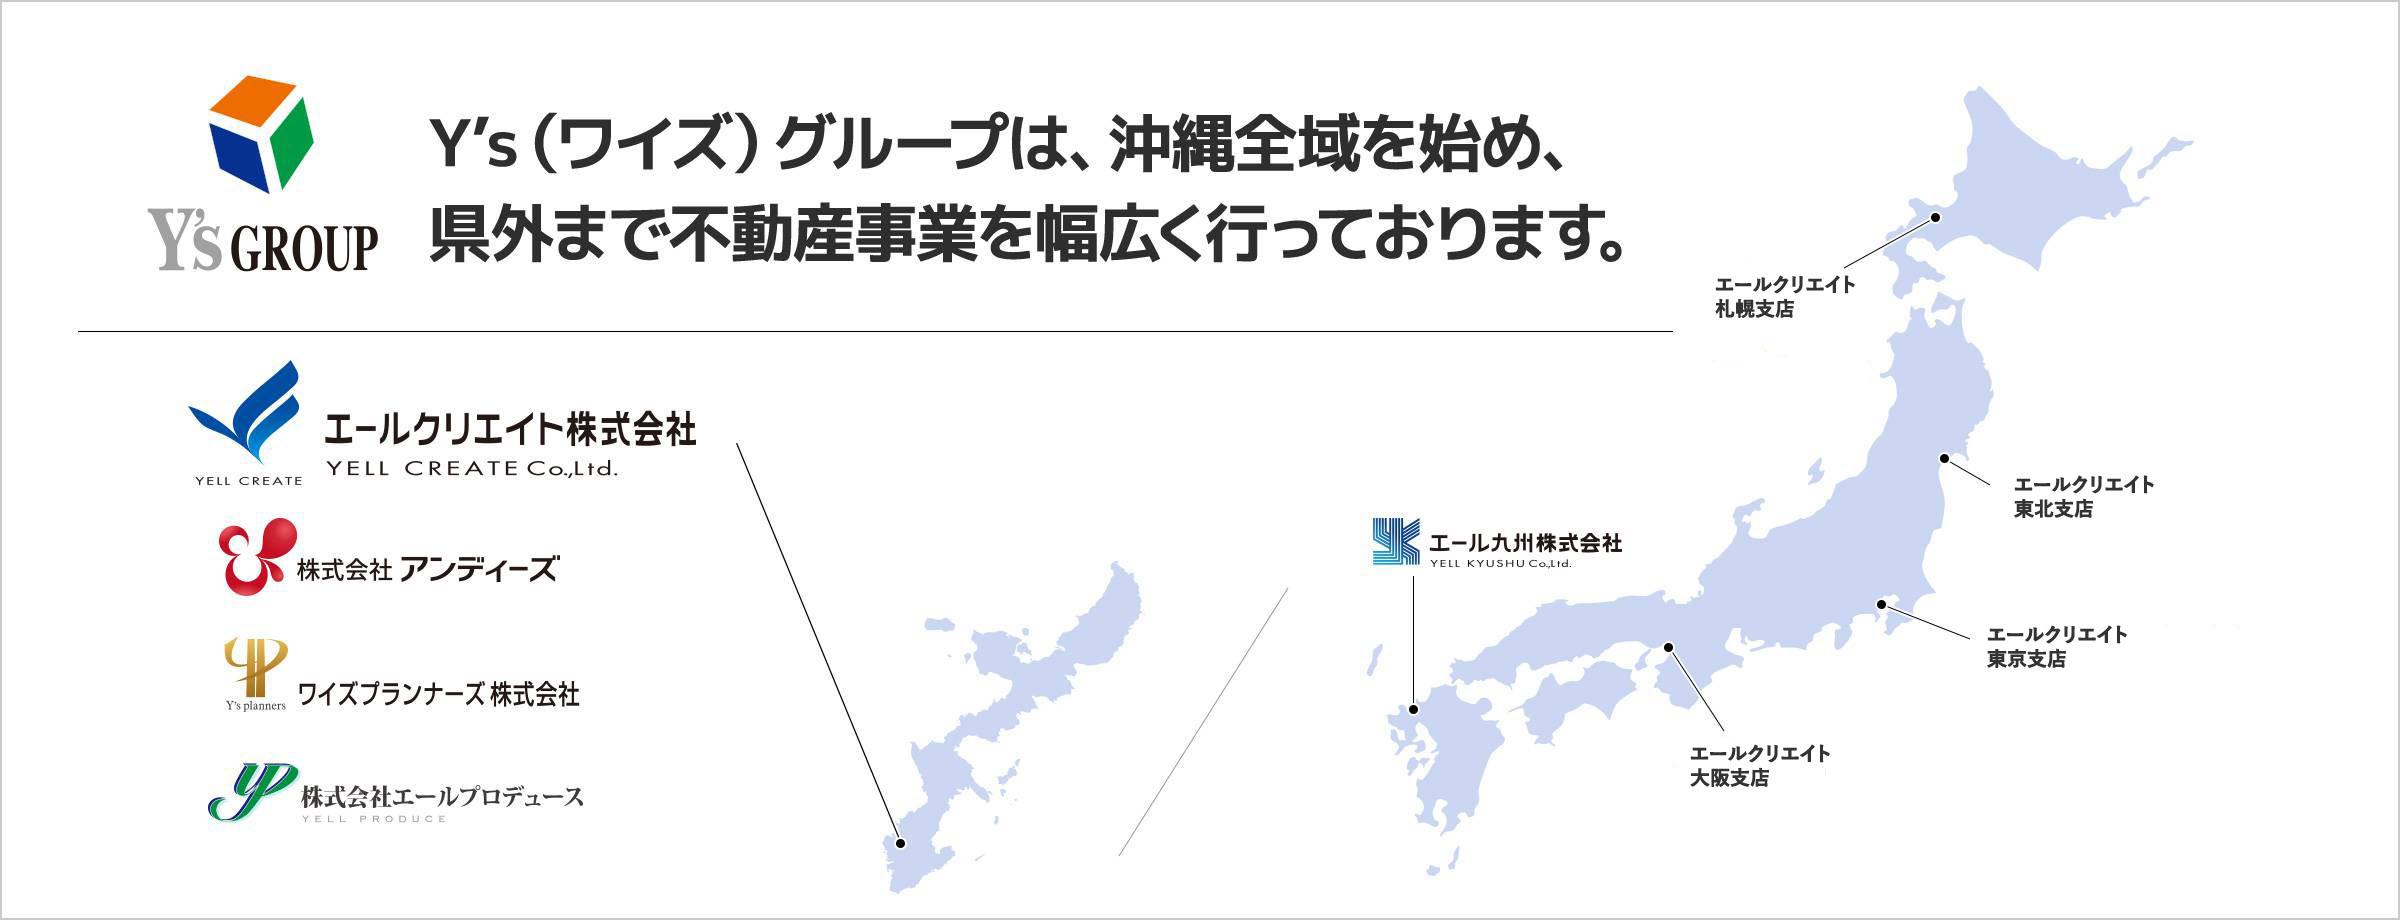 Y's(ワイズ)グループは、沖縄全域を始め、県外まで不動産事業を幅広く行っております。